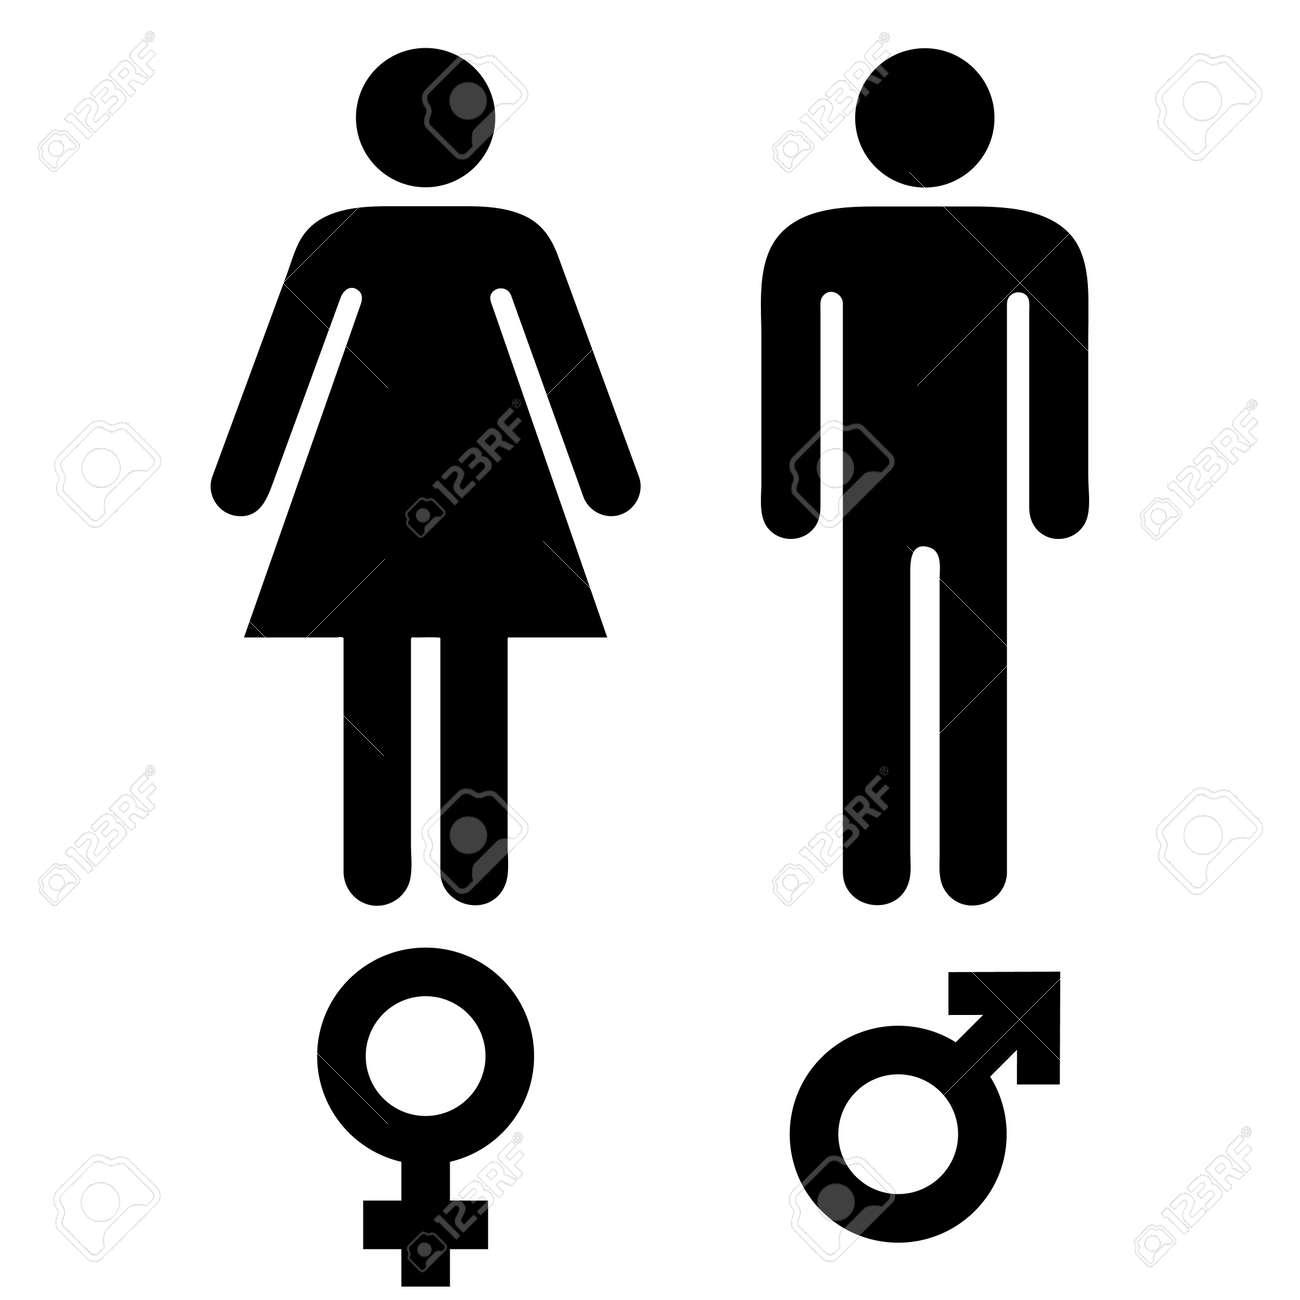 Simples Símbolos Humanos Masculinos Y Femeninos En Blanco Y Negro